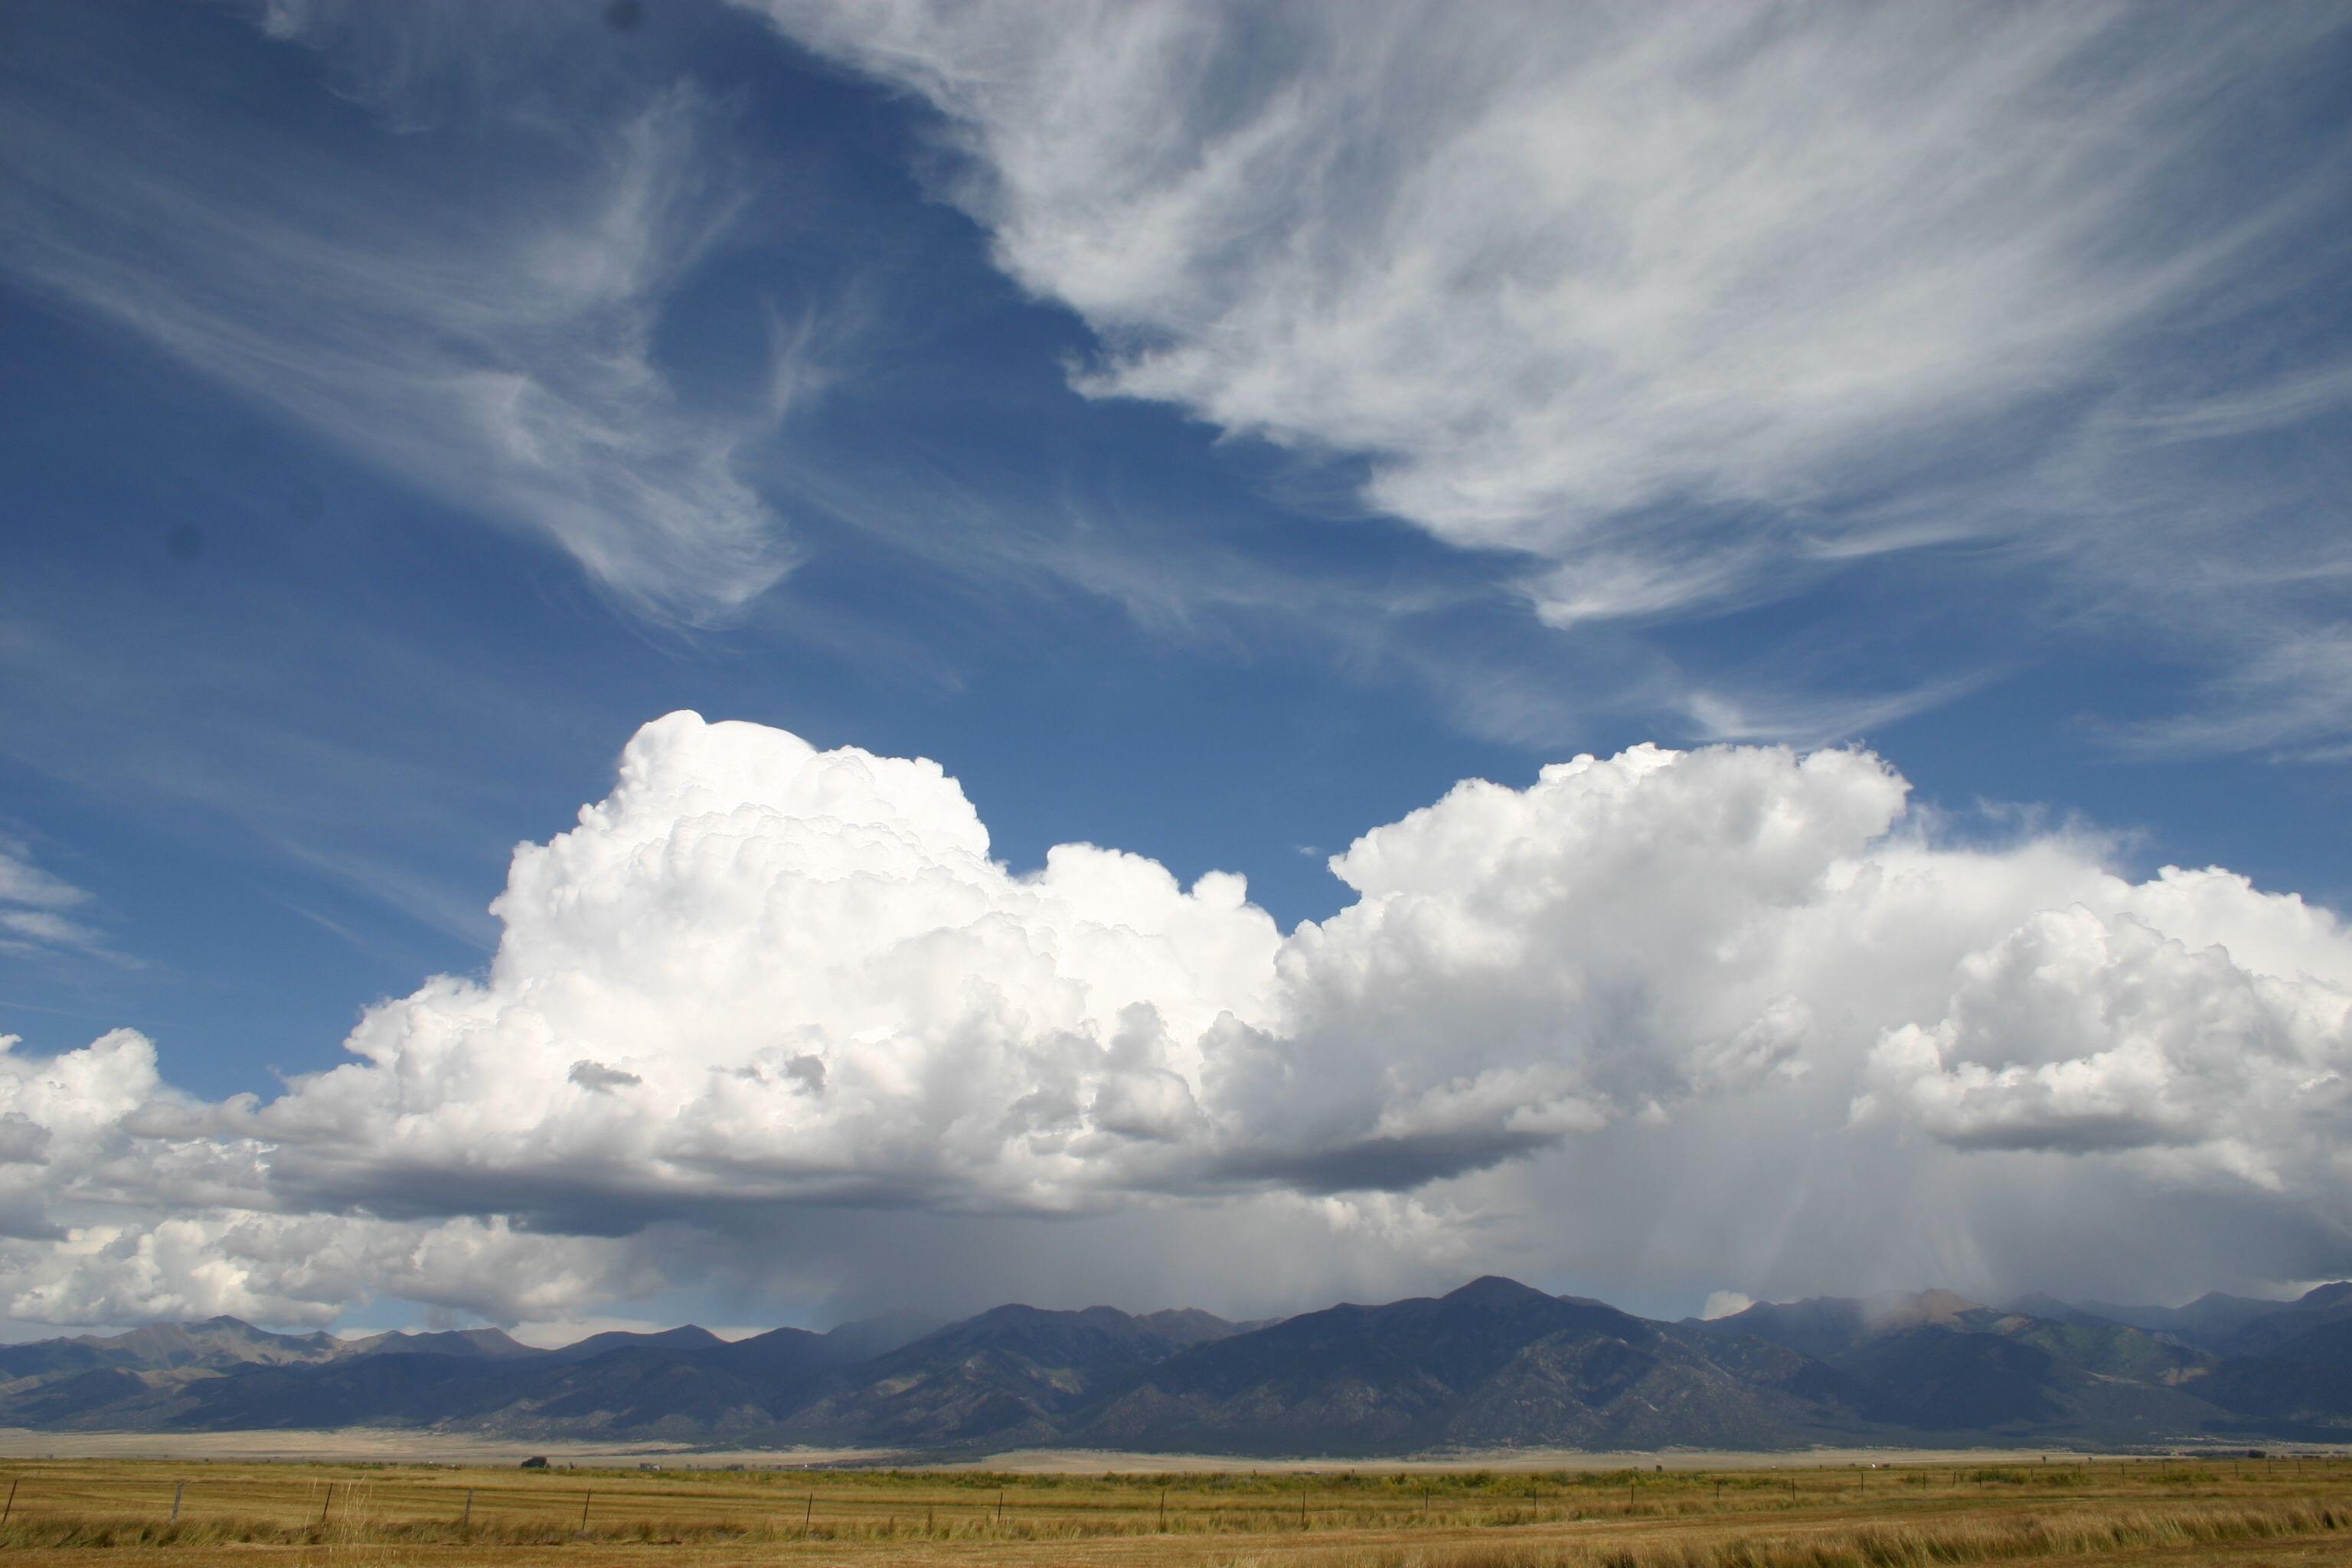 названый честь фото облаков в высоком качестве перед выборами обратится